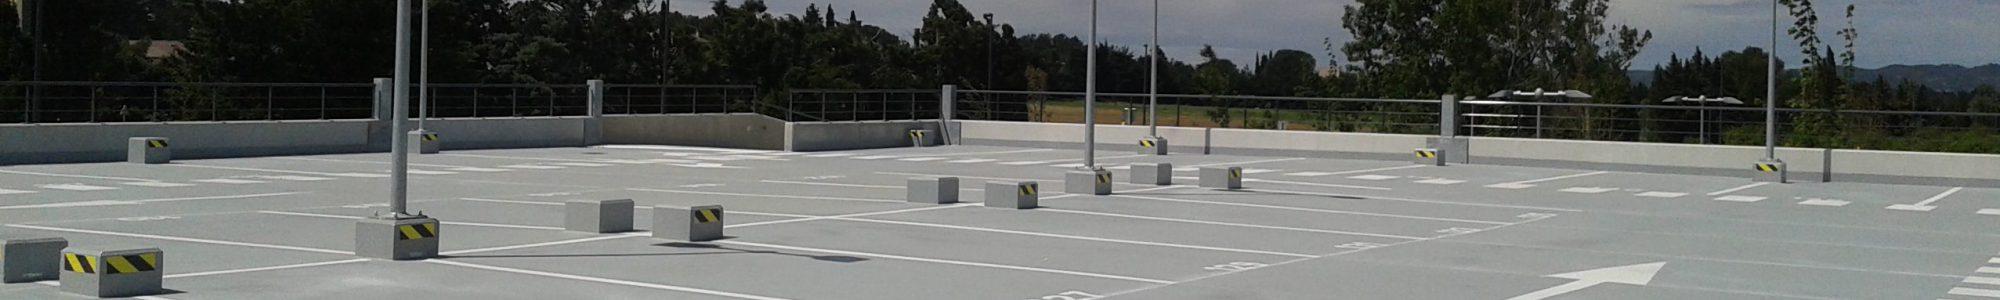 étanchéité liquide sur parking - Bollène - Vaucluse